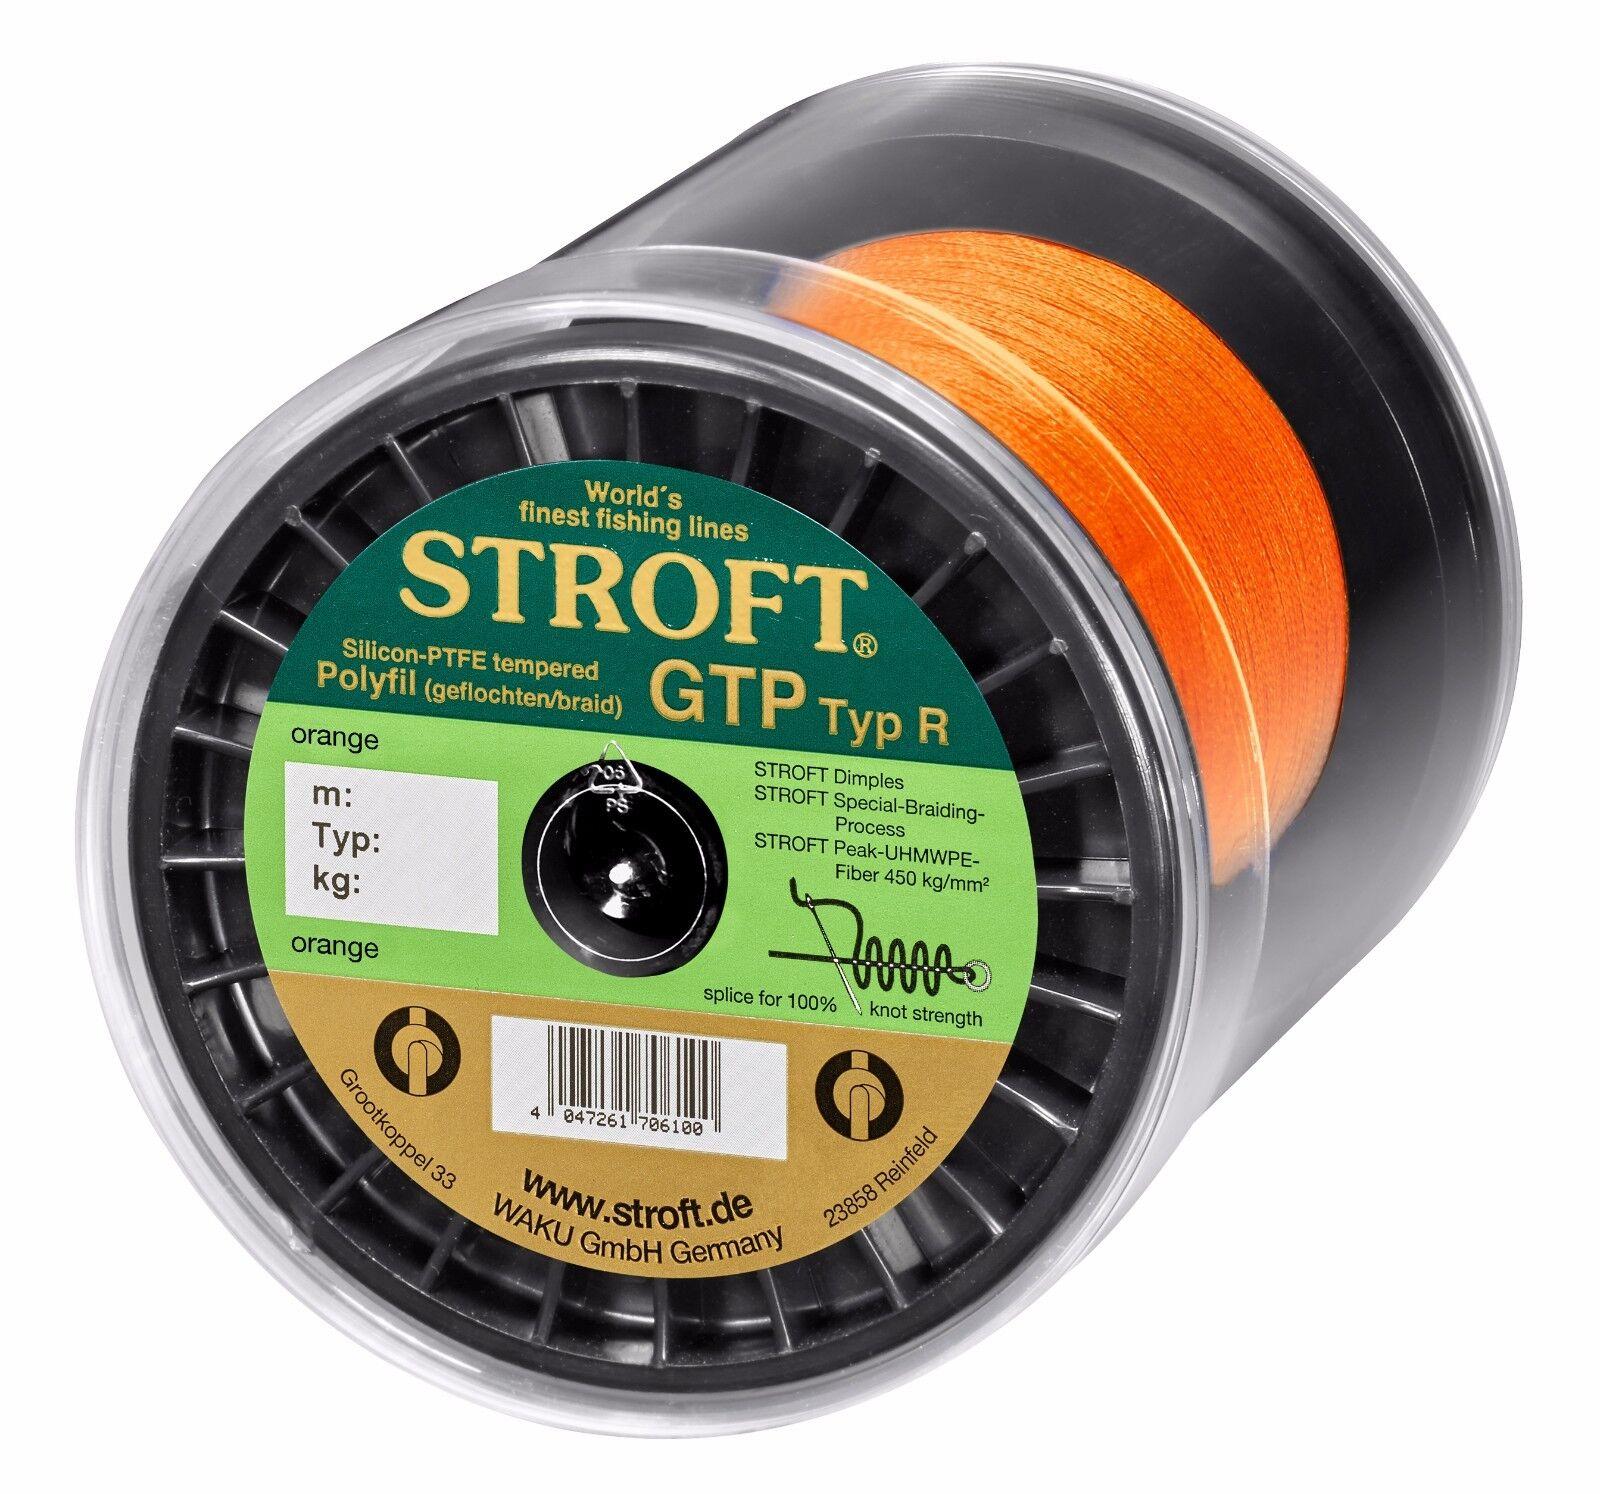 Angelschnur STROFT GTP Typ R Orange 100m 250m 500m 1000m Geflochtene Schnur